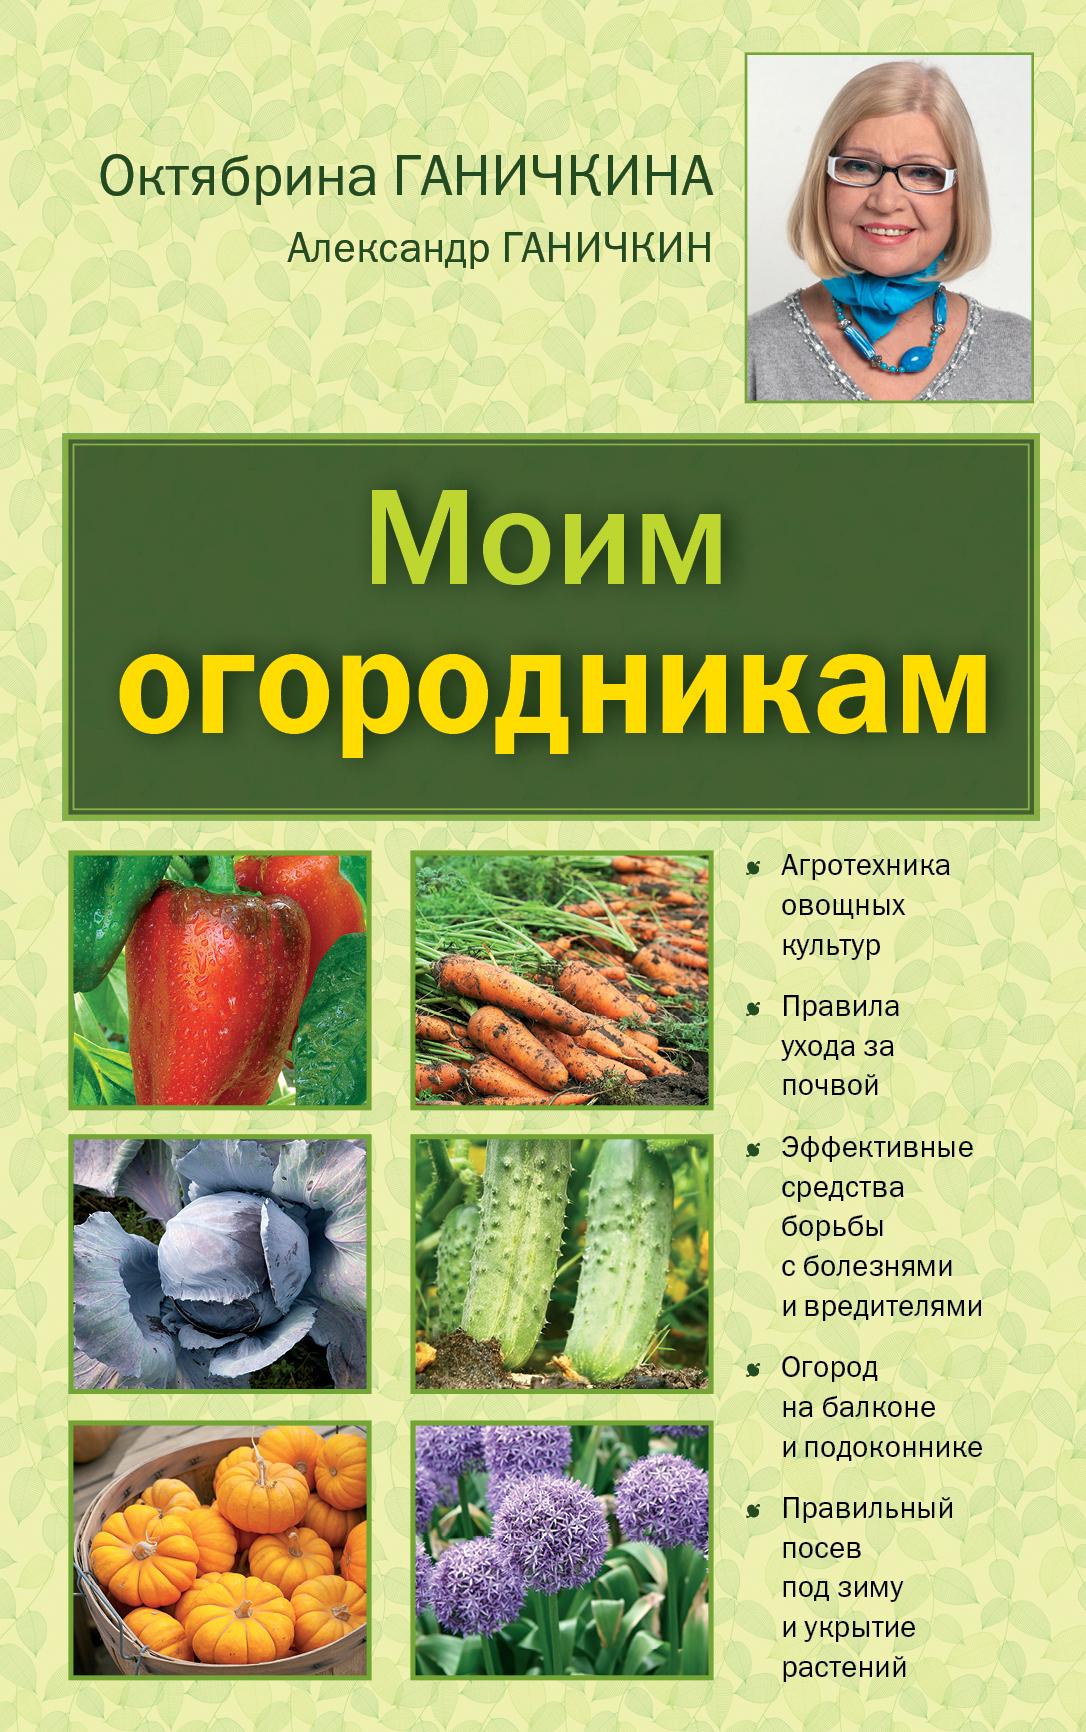 книга Октябрины Ганичкиной